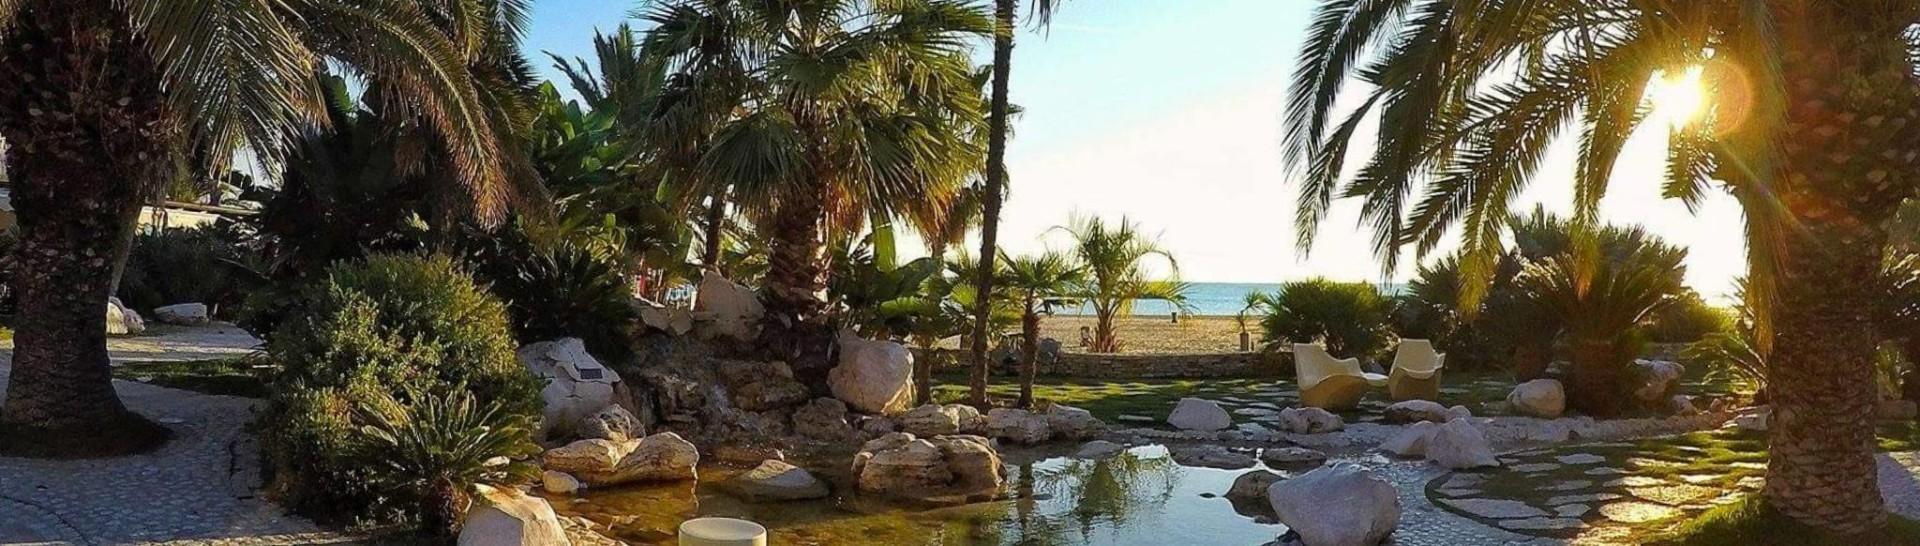 San Benedetto del Tronto, palmová promenáda podél pláže v centru